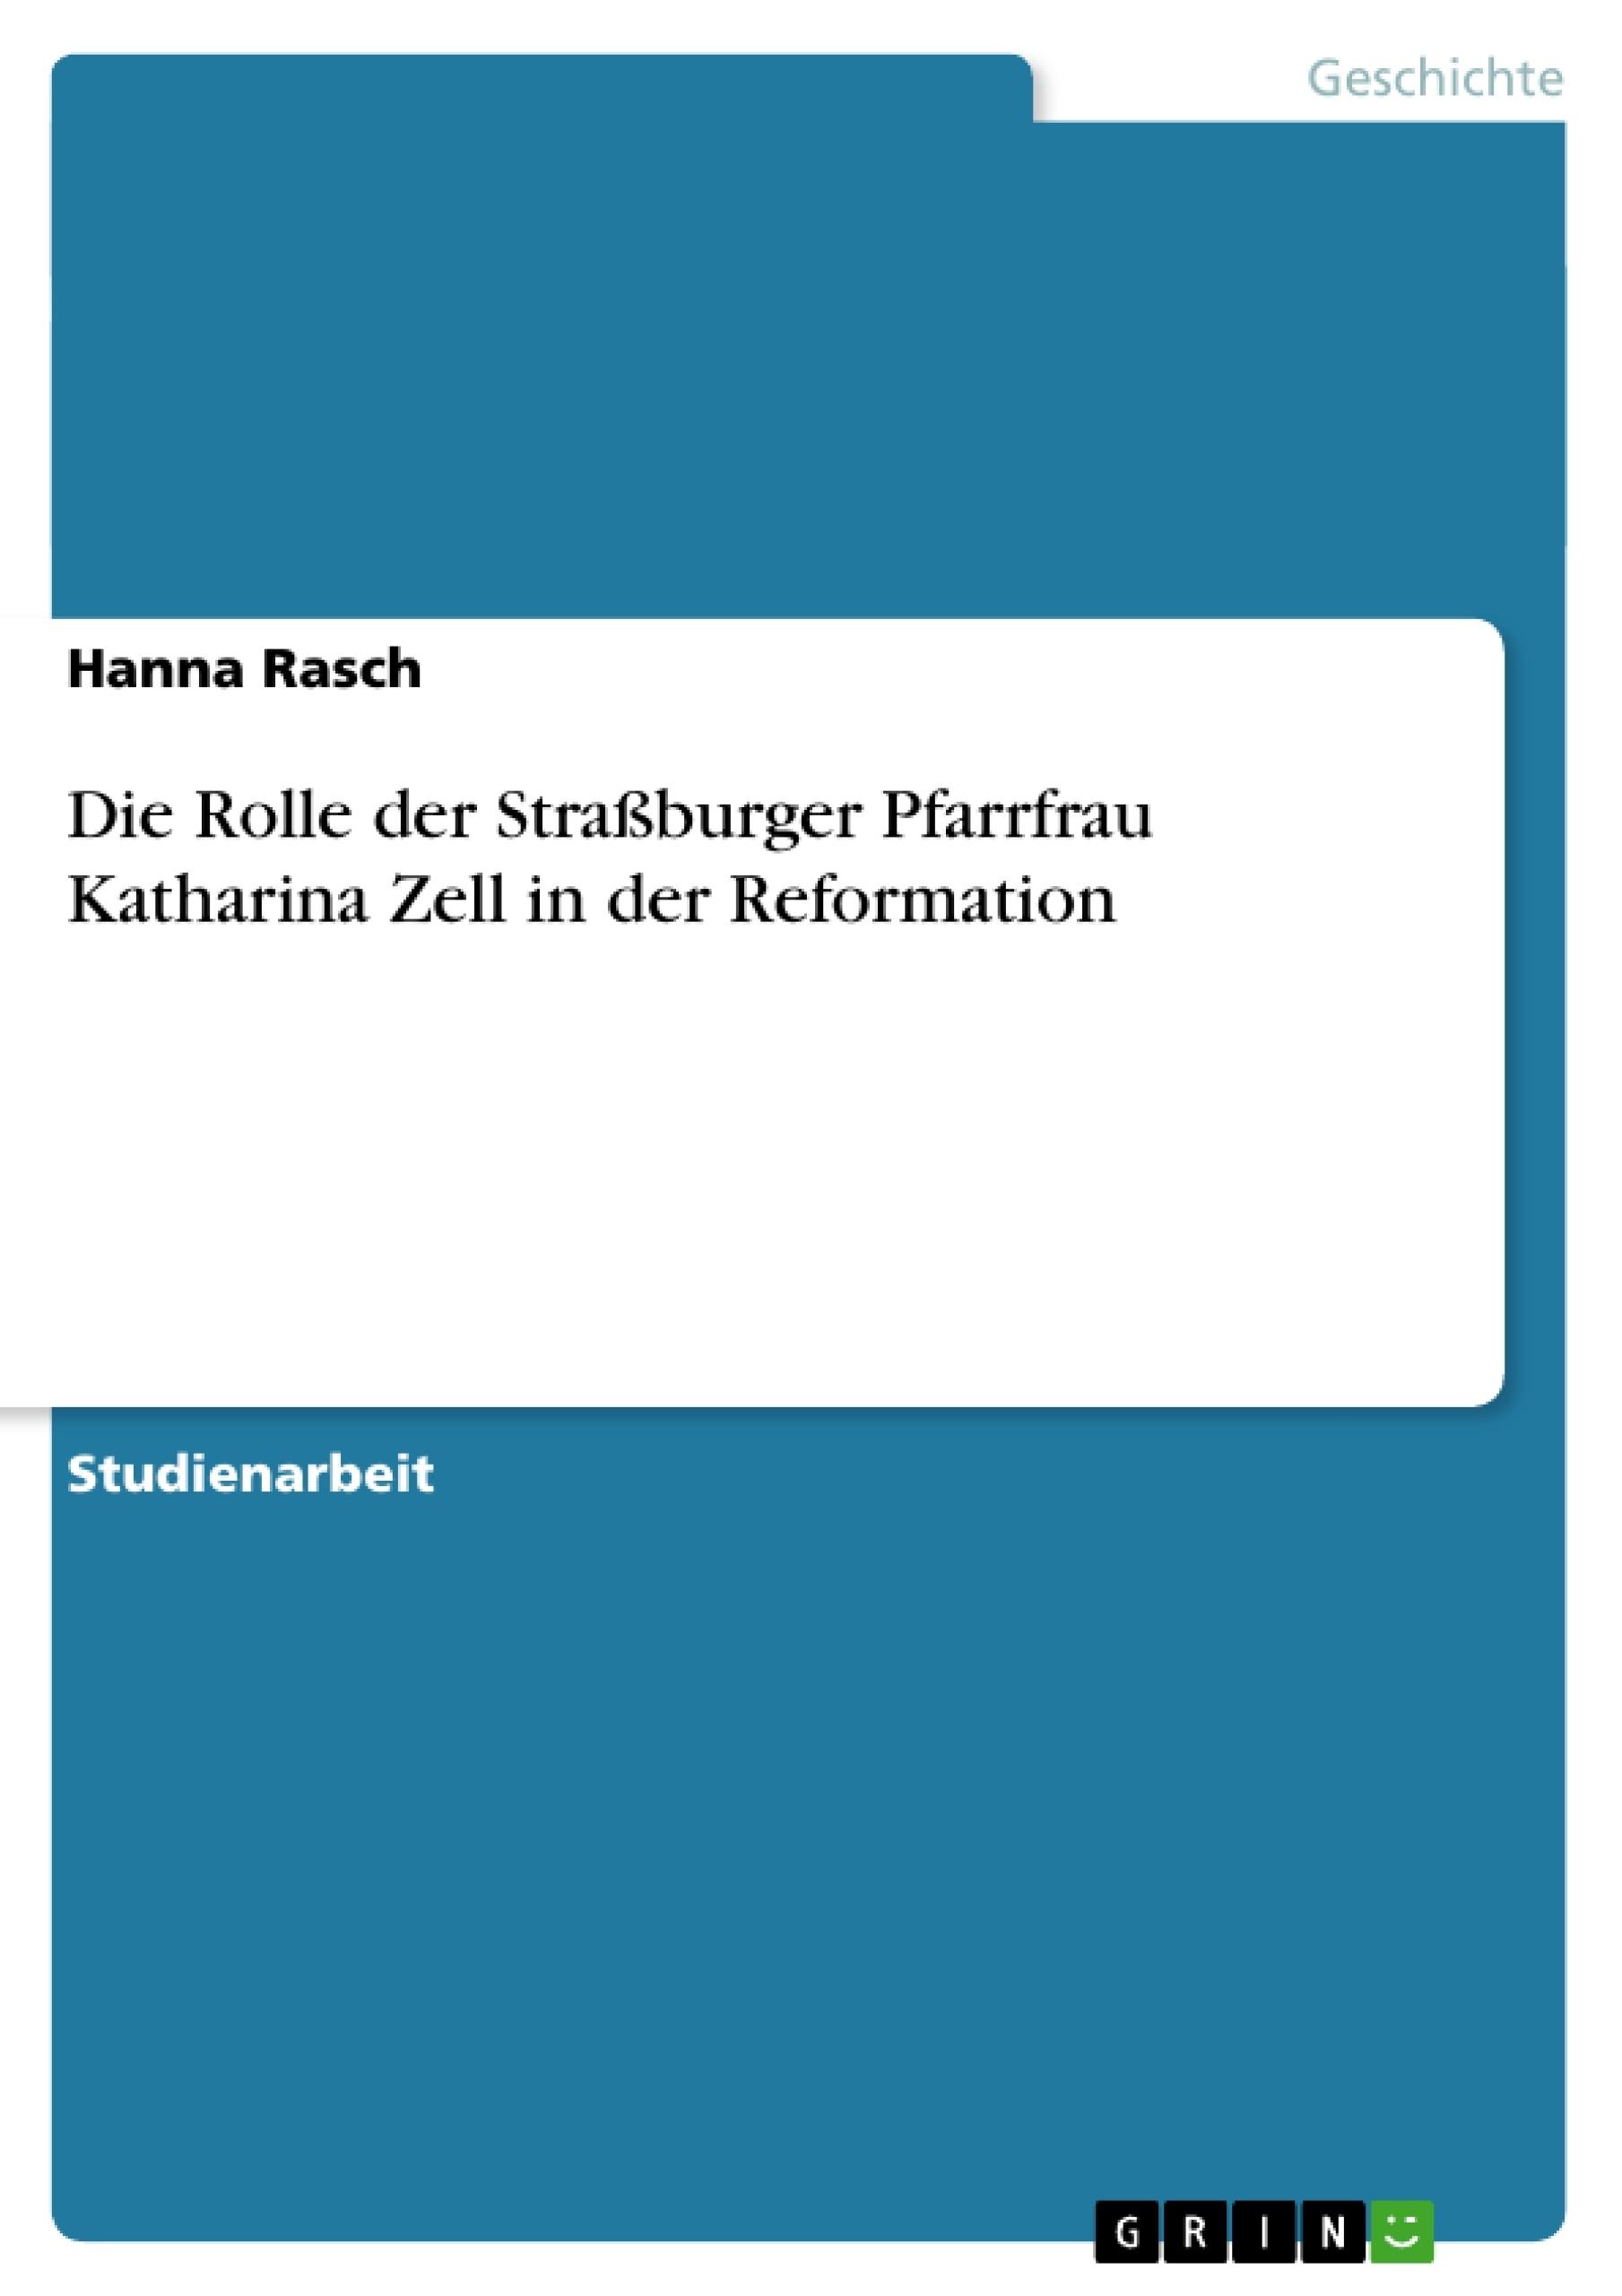 Titel: Die Rolle der Straßburger Pfarrfrau Katharina Zell in der Reformation